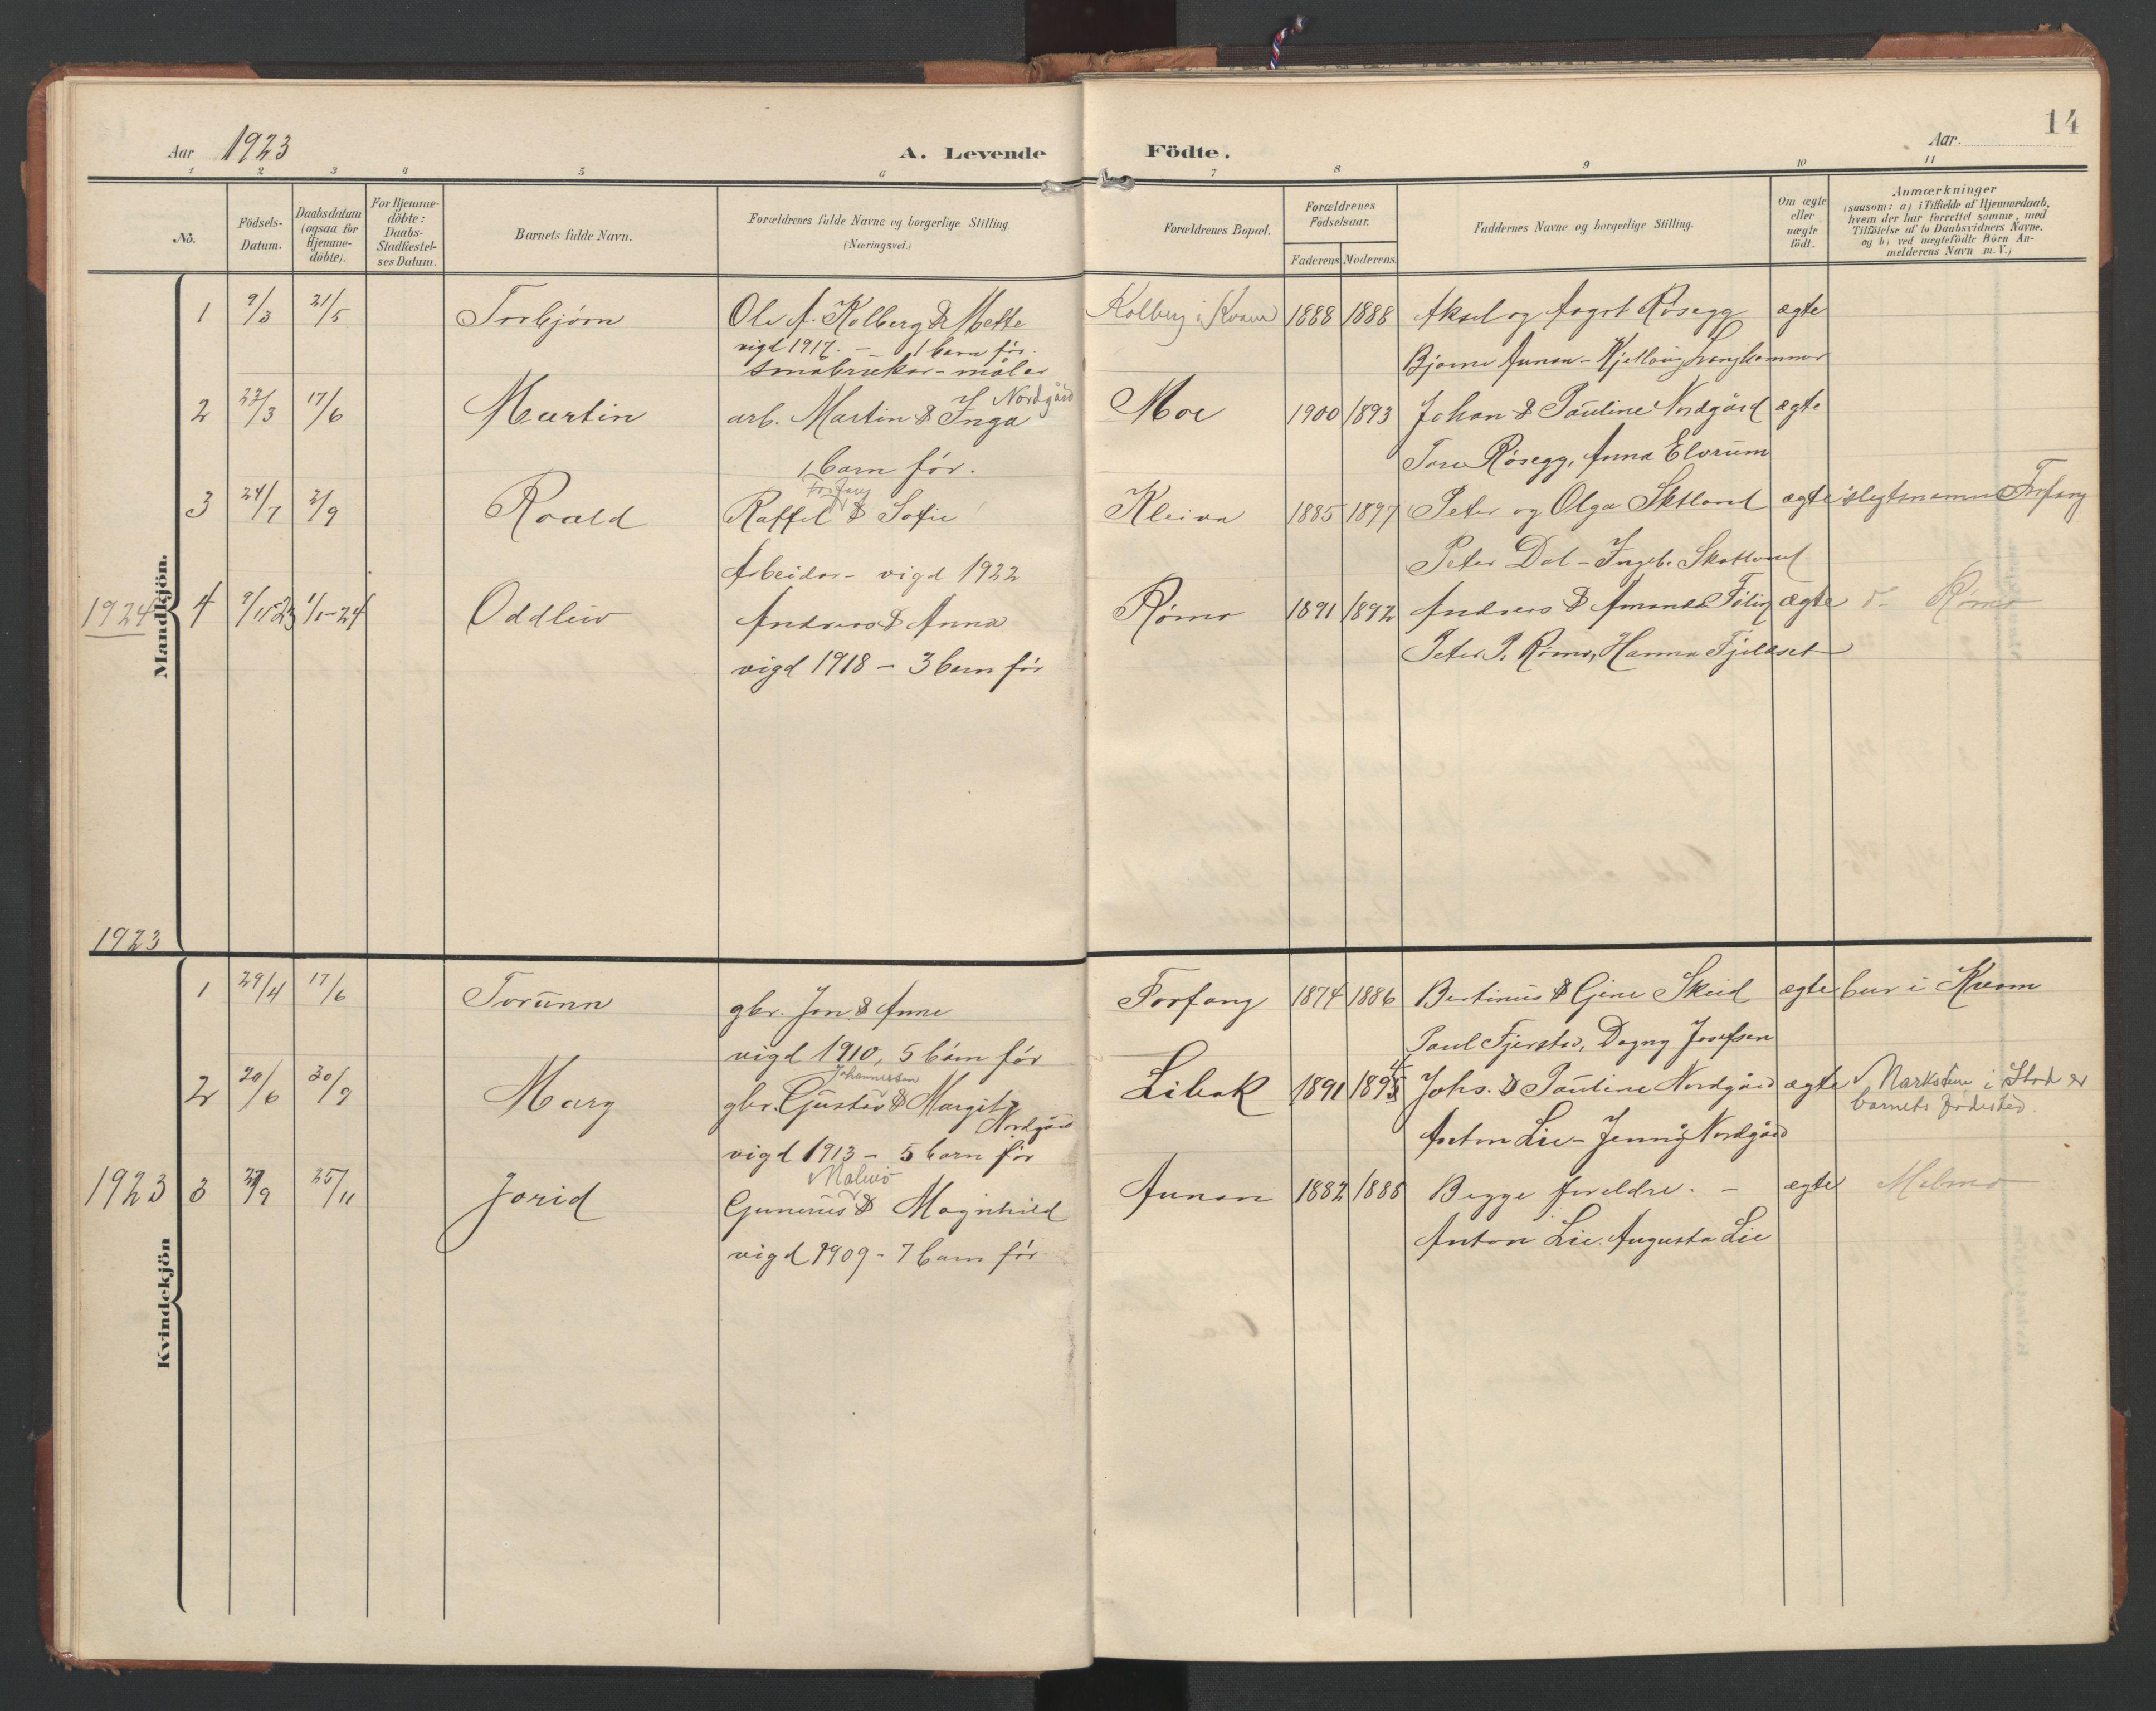 SAT, Ministerialprotokoller, klokkerbøker og fødselsregistre - Nord-Trøndelag, 748/L0465: Klokkerbok nr. 748C01, 1908-1960, s. 14